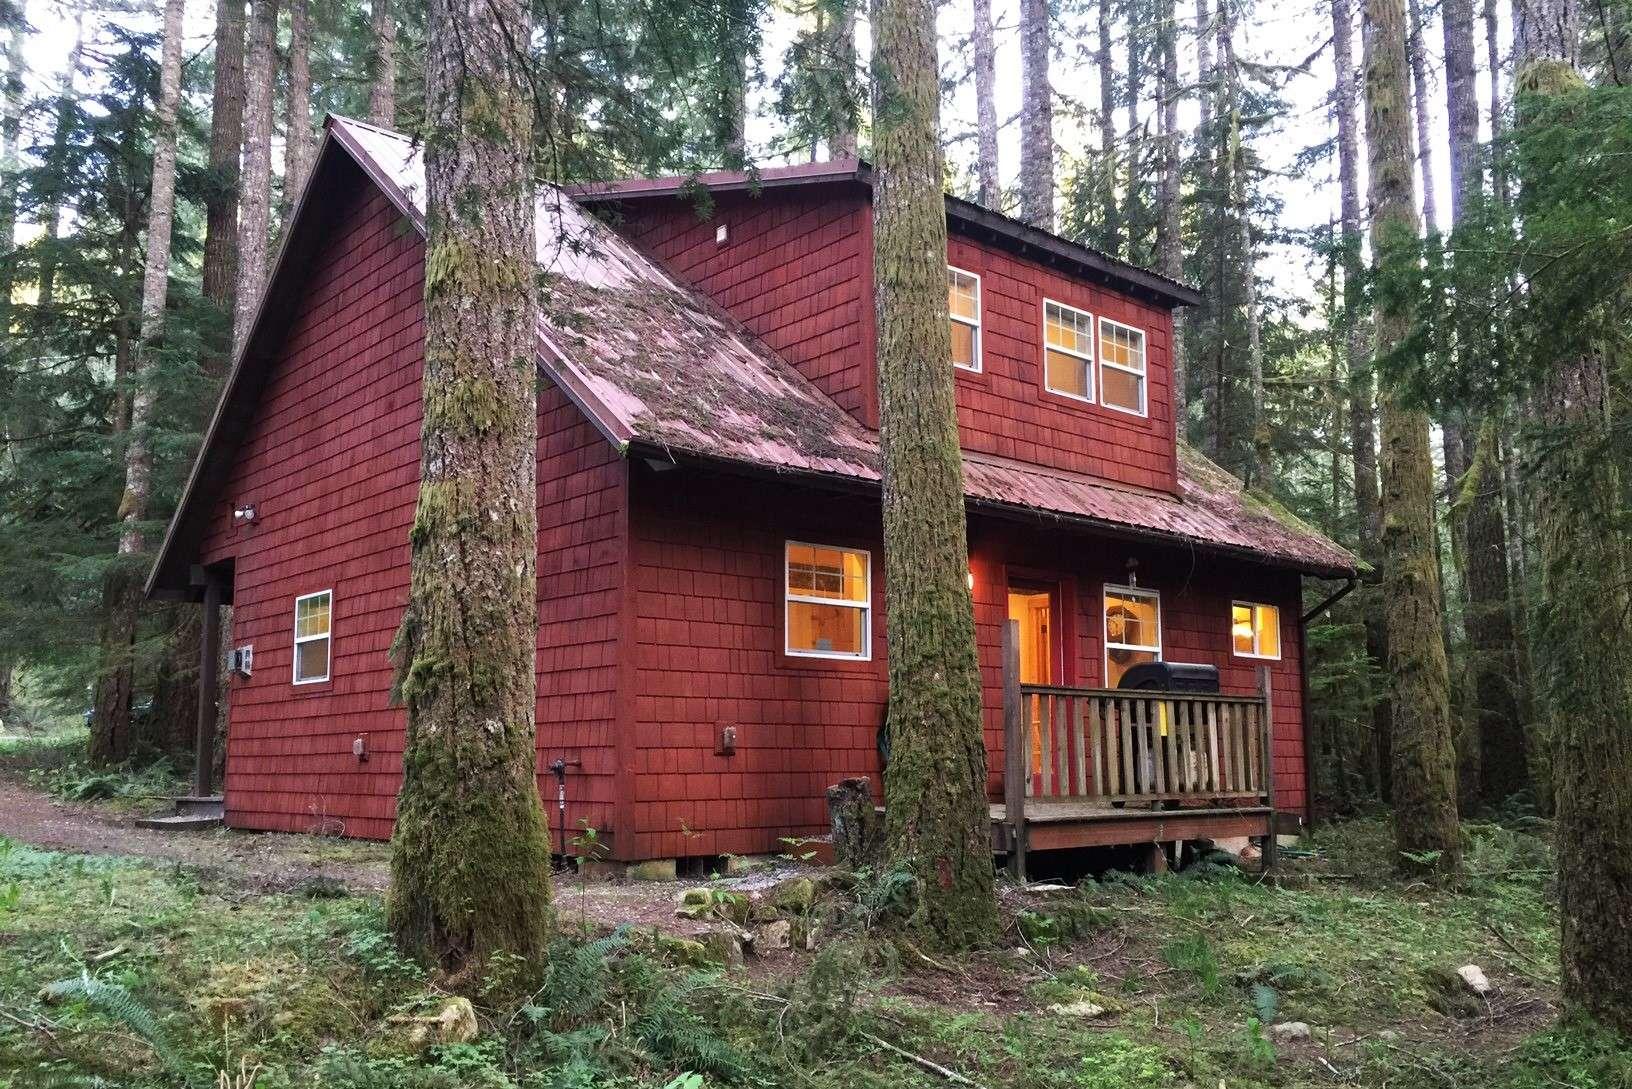 Mt baker lodging cabin 12 mt baker lodging wa 24 for Mount baker cabins